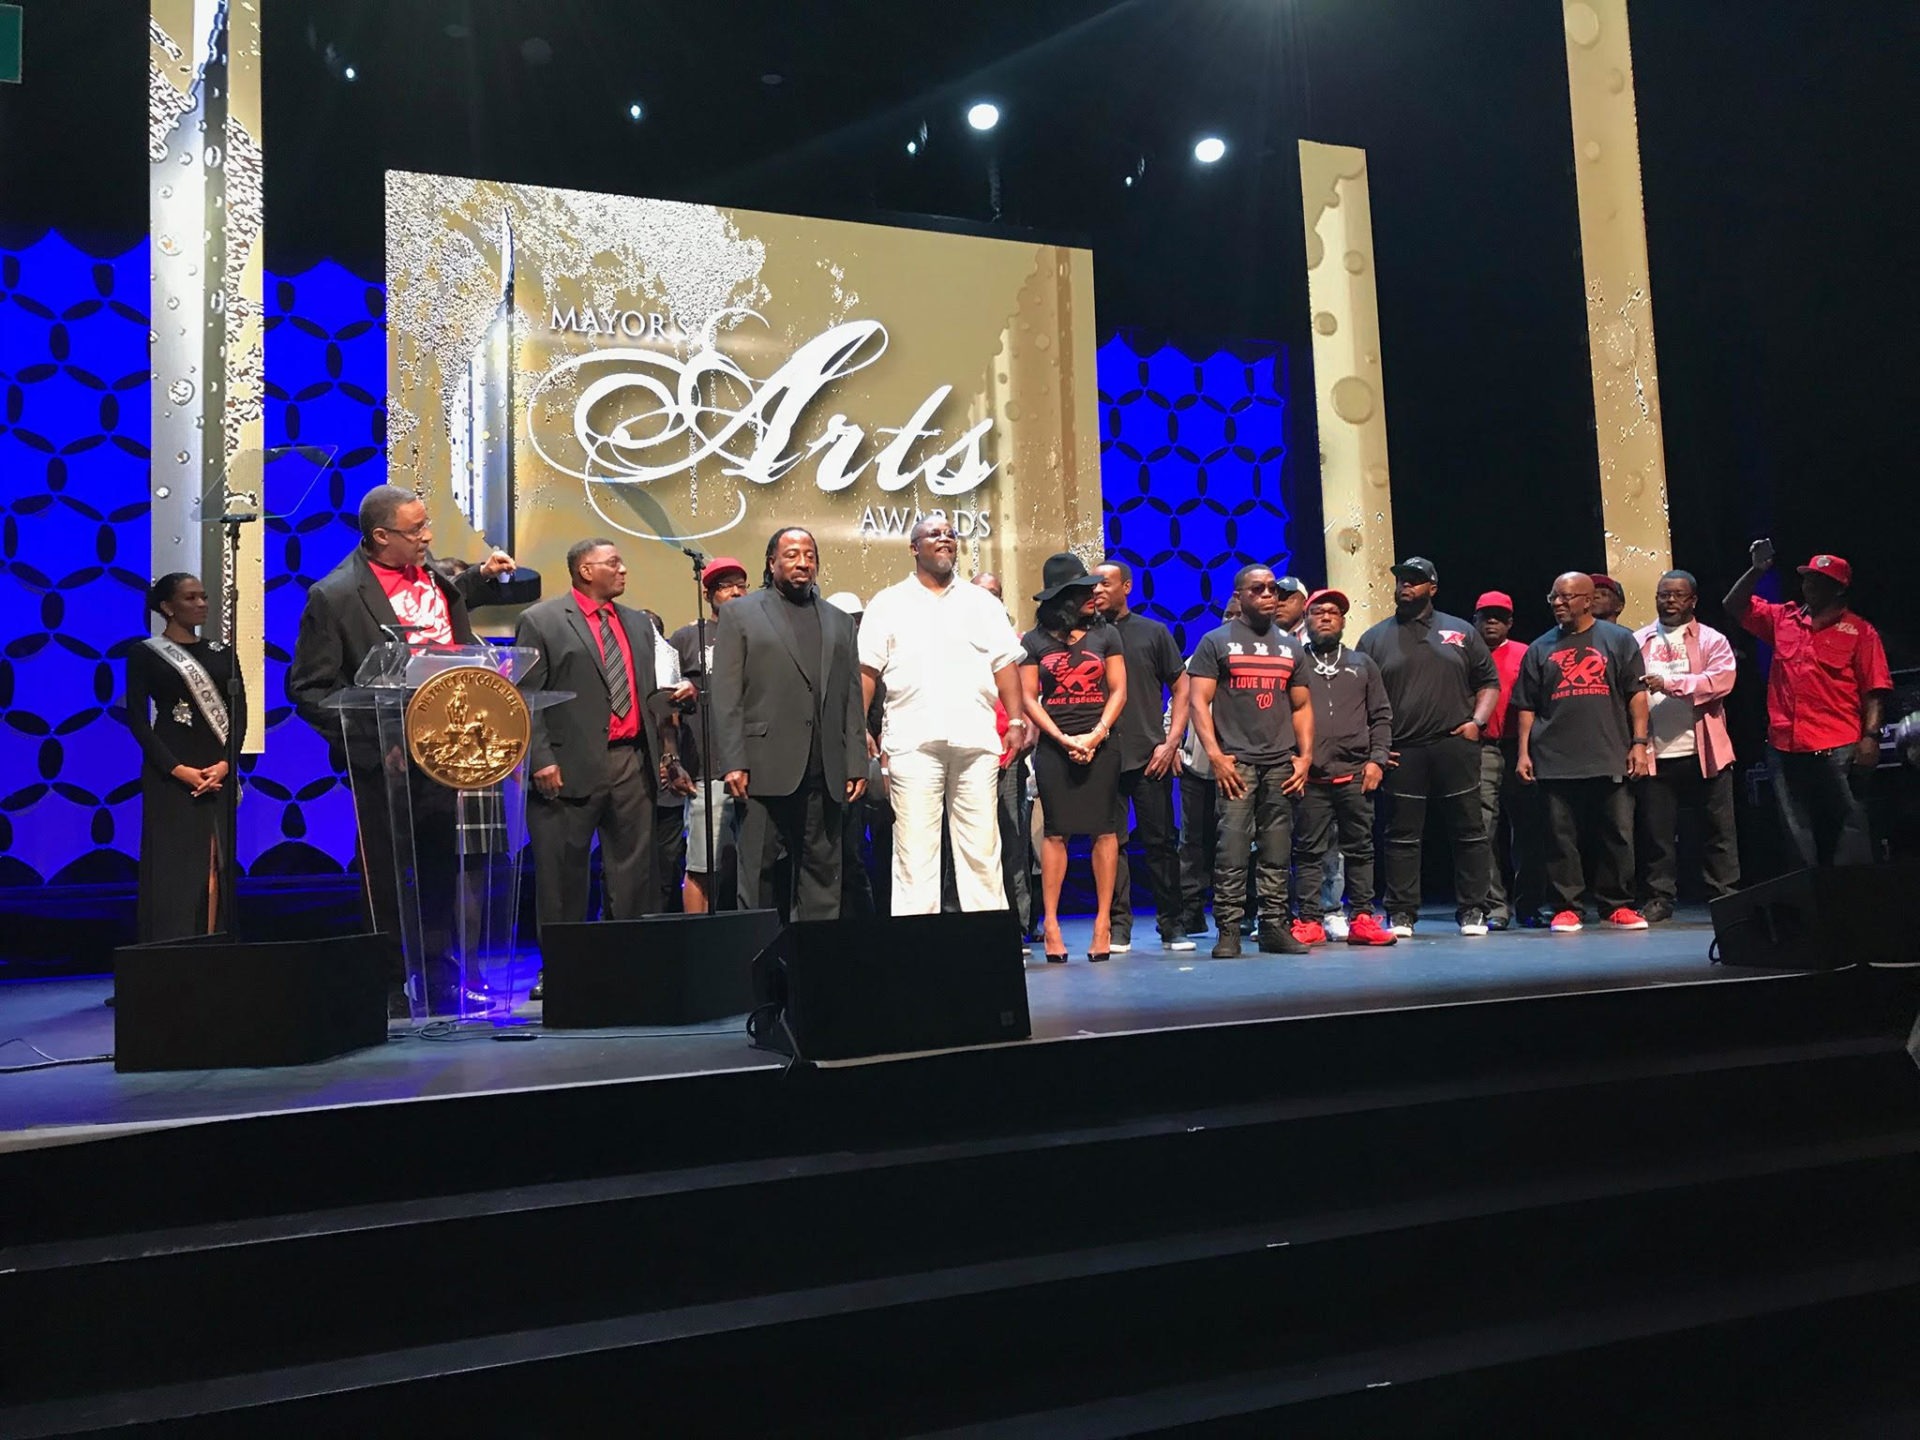 Mayor's Arts Awards